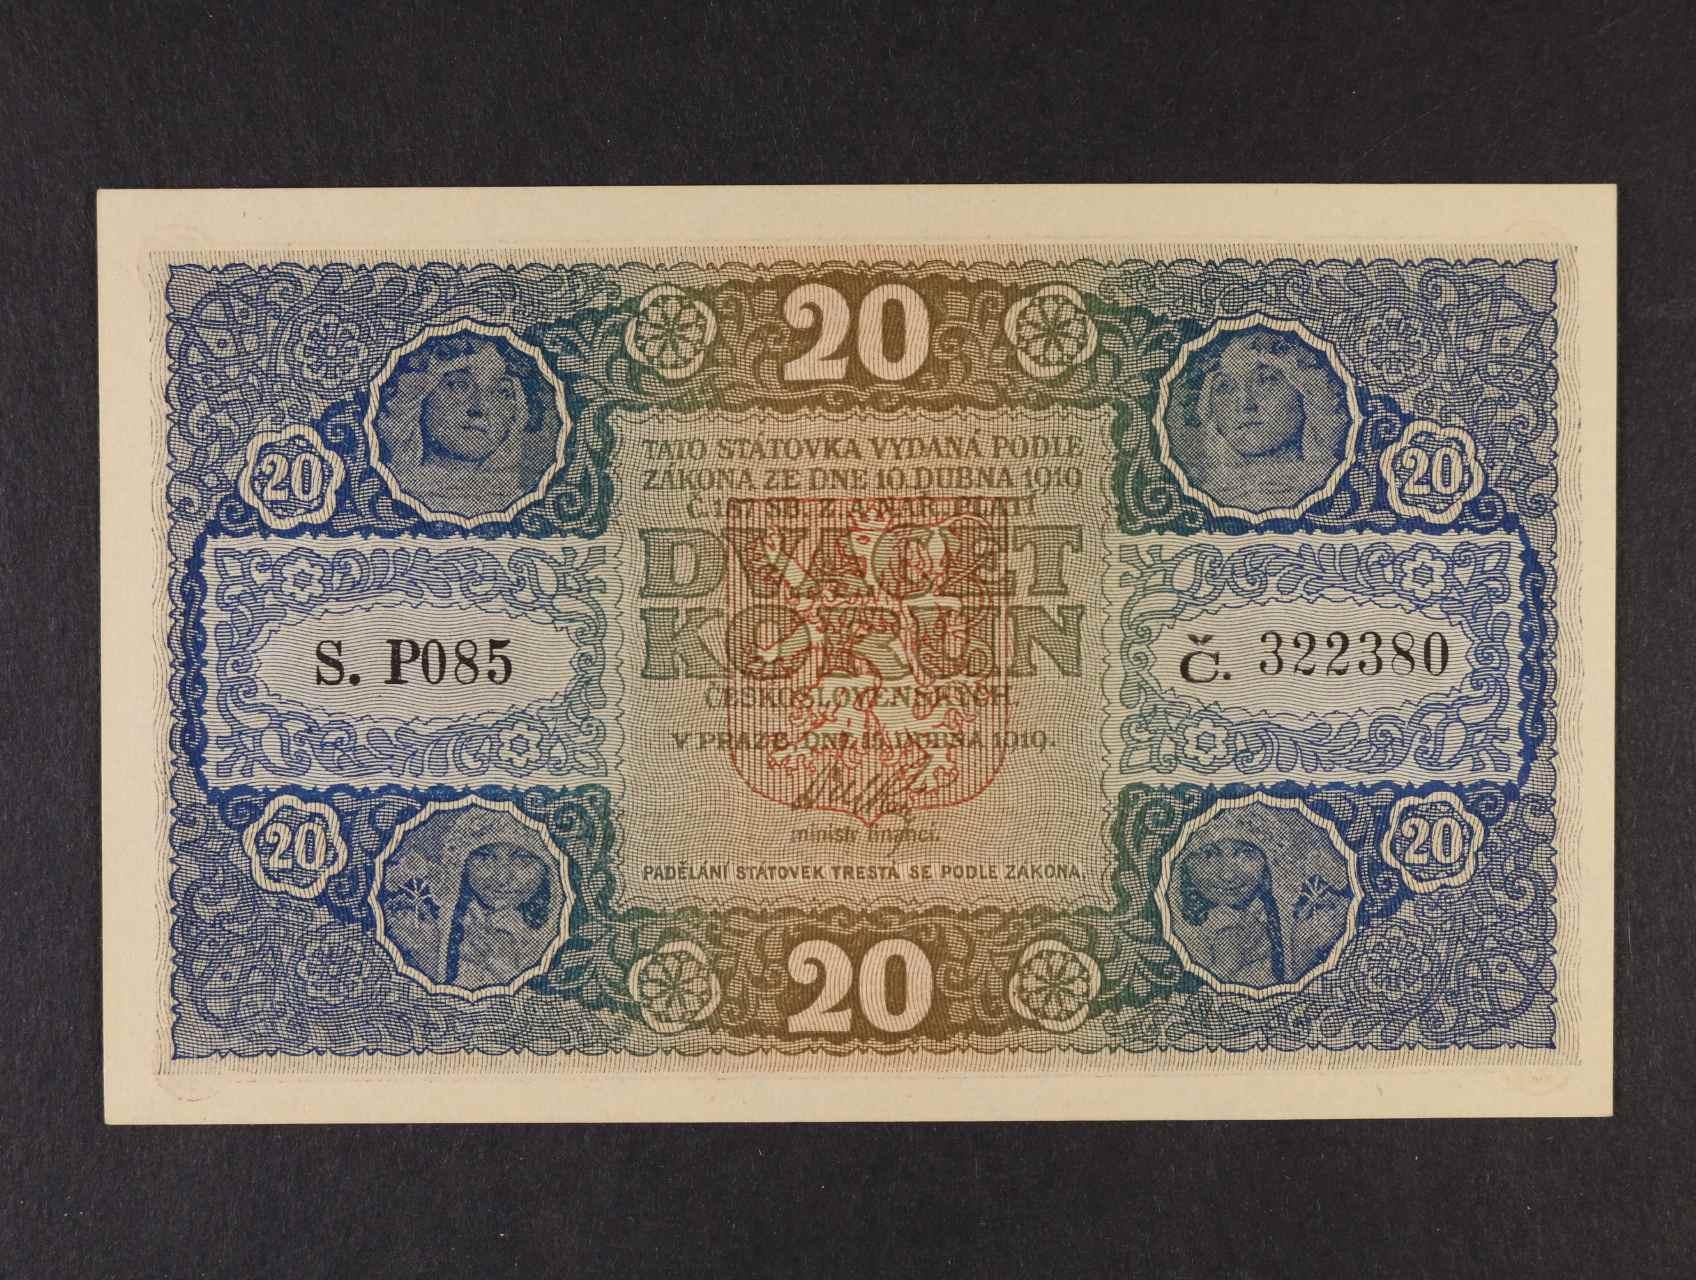 20 Kč 15.4.1919 série P 085,  Ba. 10a, Pi. 9a